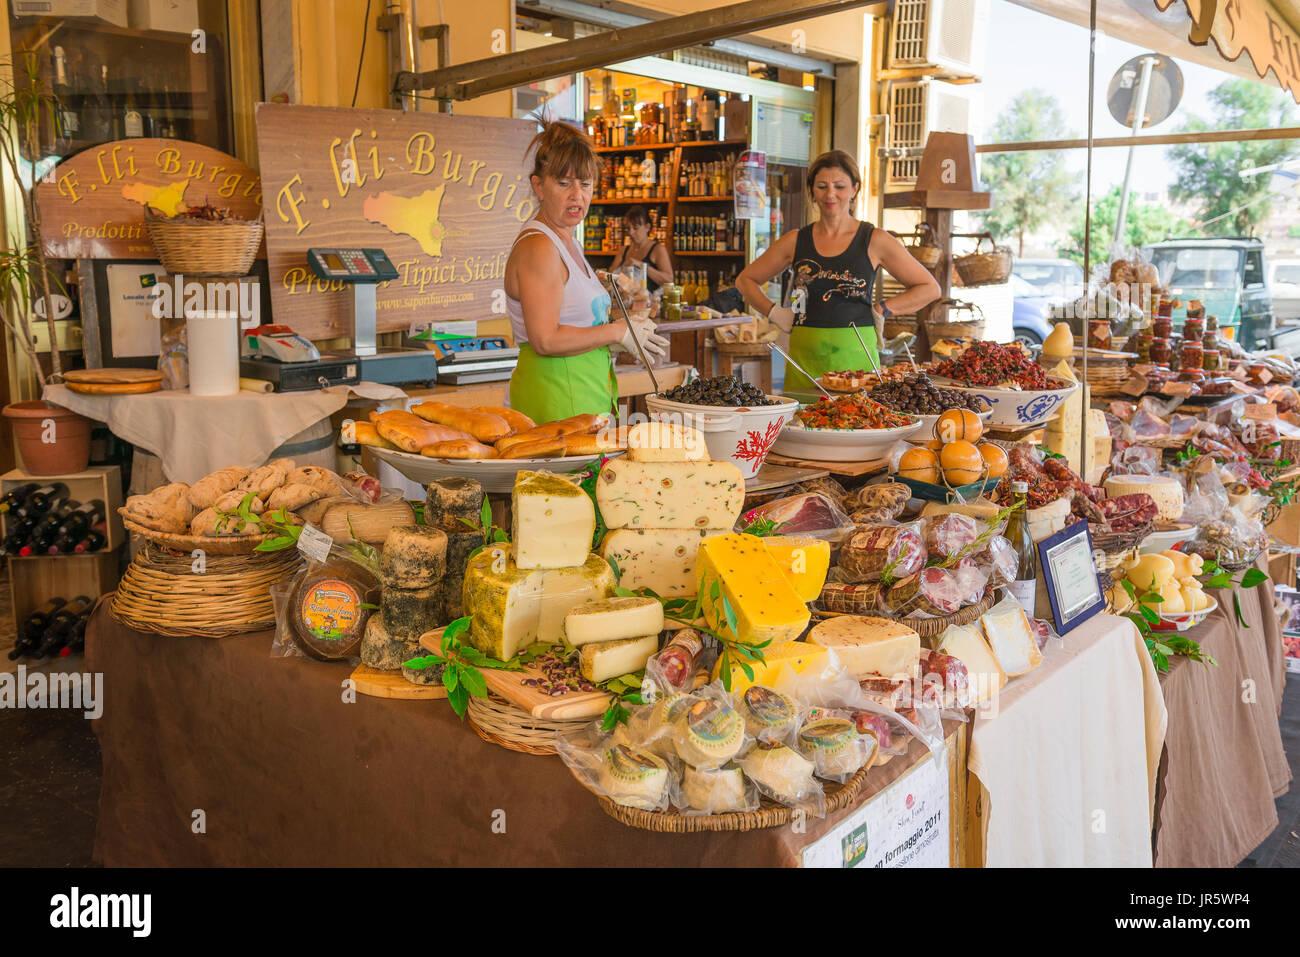 Sicilia, un popular mercado de alimentos delicatessen producen típicamente siciliana de venta en el mercado (Ortygia) Isla Ortigia, Siracusa, Sicilia, Imagen De Stock